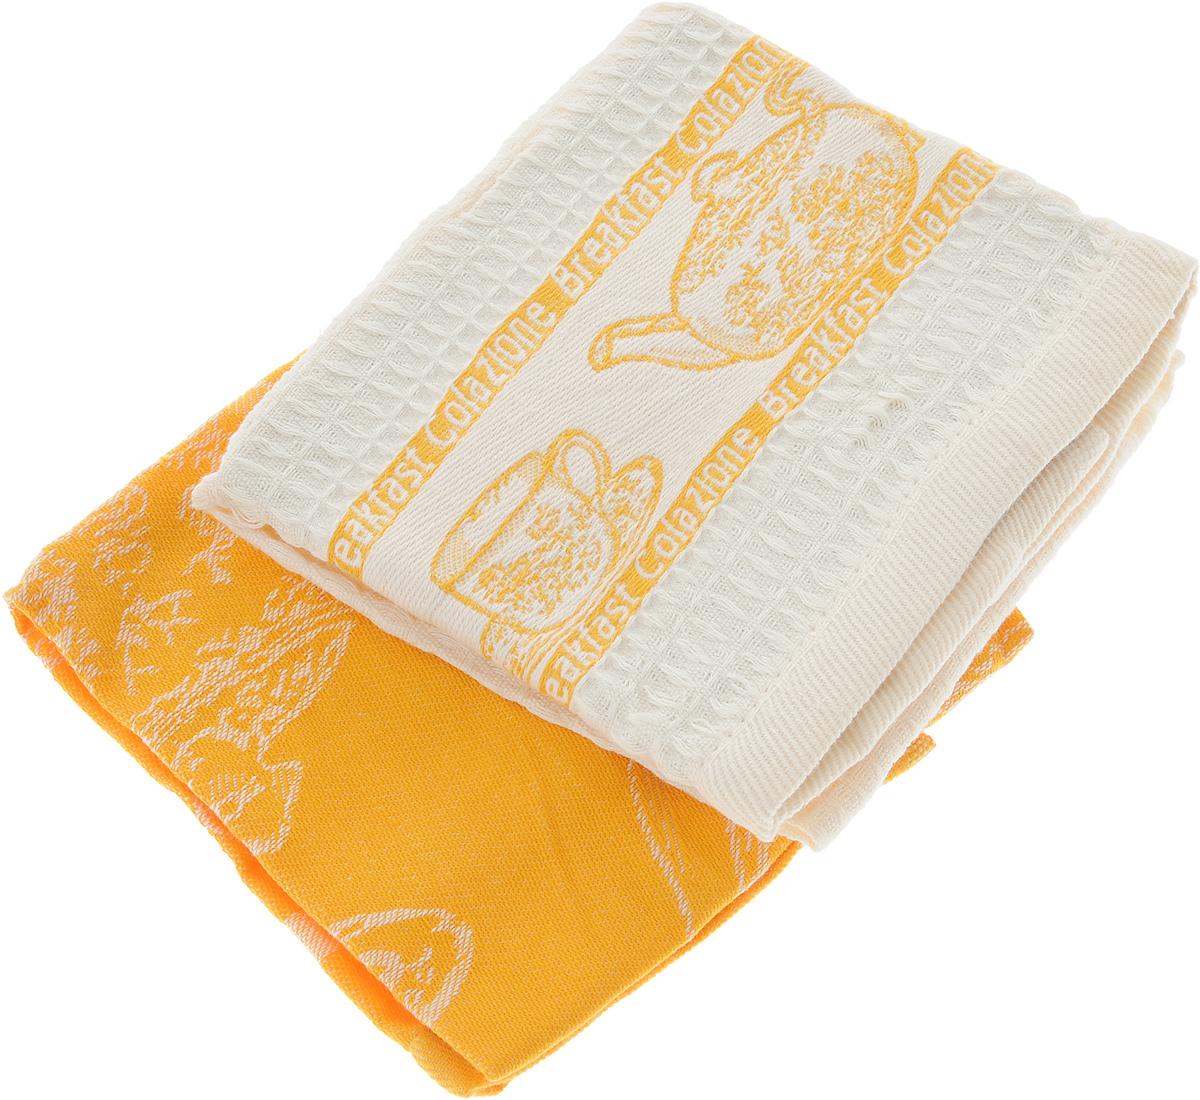 Набор кухонных полотенец Toalla Завтрак, цвет: оранжевый, бежевый, 40 x 60 см, 2 шт9400429Набор Toalla Завтрак состоит из двух прямоугольных полотенец, выполненных из 100% хлопка. Ткань полотенец обладает высокой плотностью и мягкостью, отличается высоким качеством и длительным сроком службы. В процессе эксплуатации материал становится только мягче и приятней на ощупь. Египетский хлопок не содержит линта (хлопковый пух), поэтому на ткани не образуются катышки даже после многократных стирок и длительного использования. Сверхдлинные волокна придают ткани характерный красивый блеск. Полотенца отлично впитывают влагу и быстро сохнут. Набор предназначен для использования на кухне и в столовой. Полотенца дополнены изящным вышитым бордюром. Набор полотенец Toalla Завтрак - отличное приобретение для каждой хозяйки.